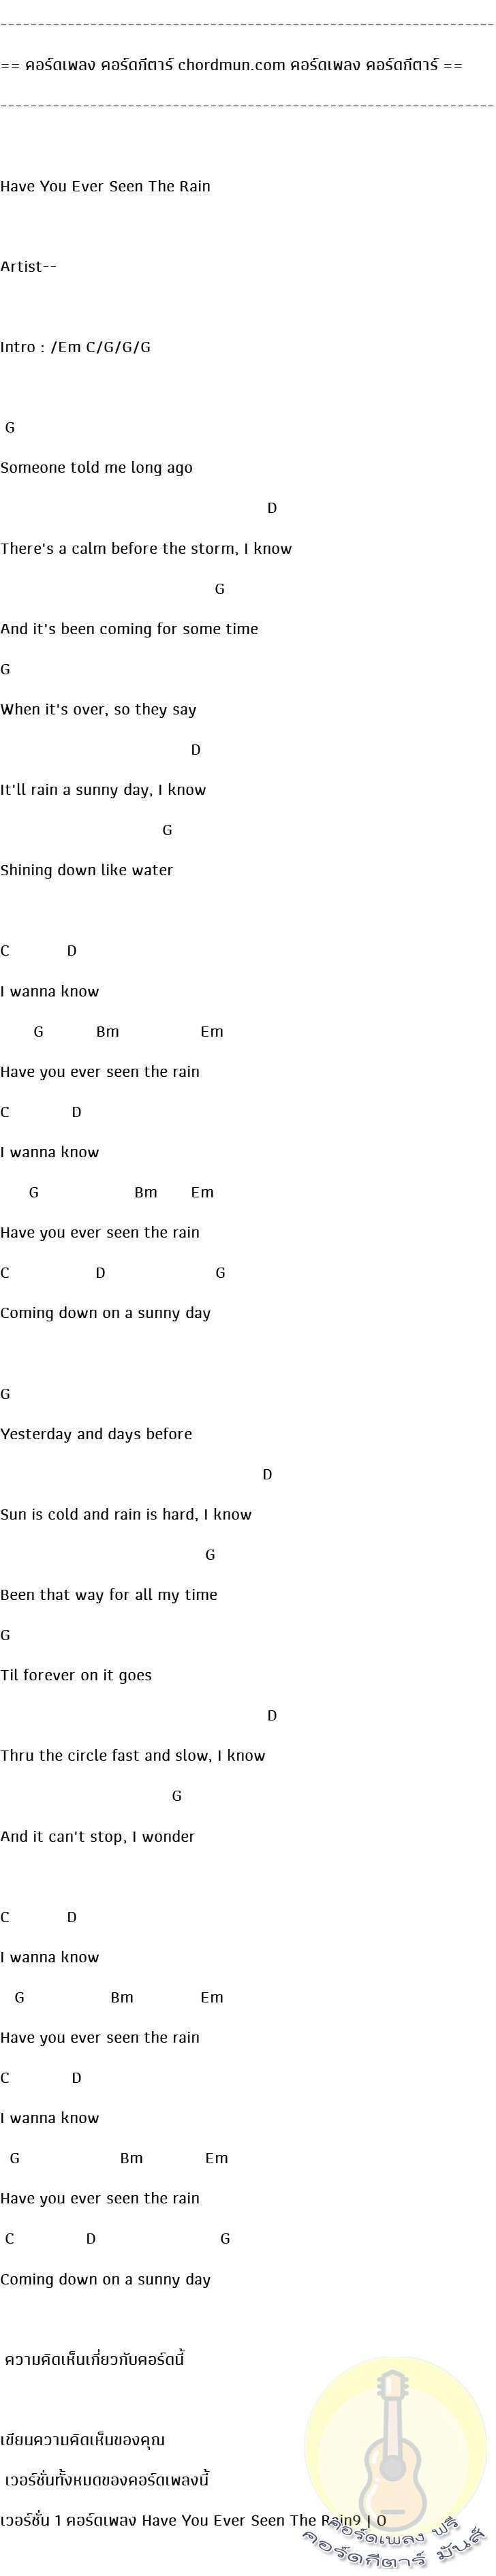 คอร์ดกีต้าร์  เพลง have you ever seen the rain